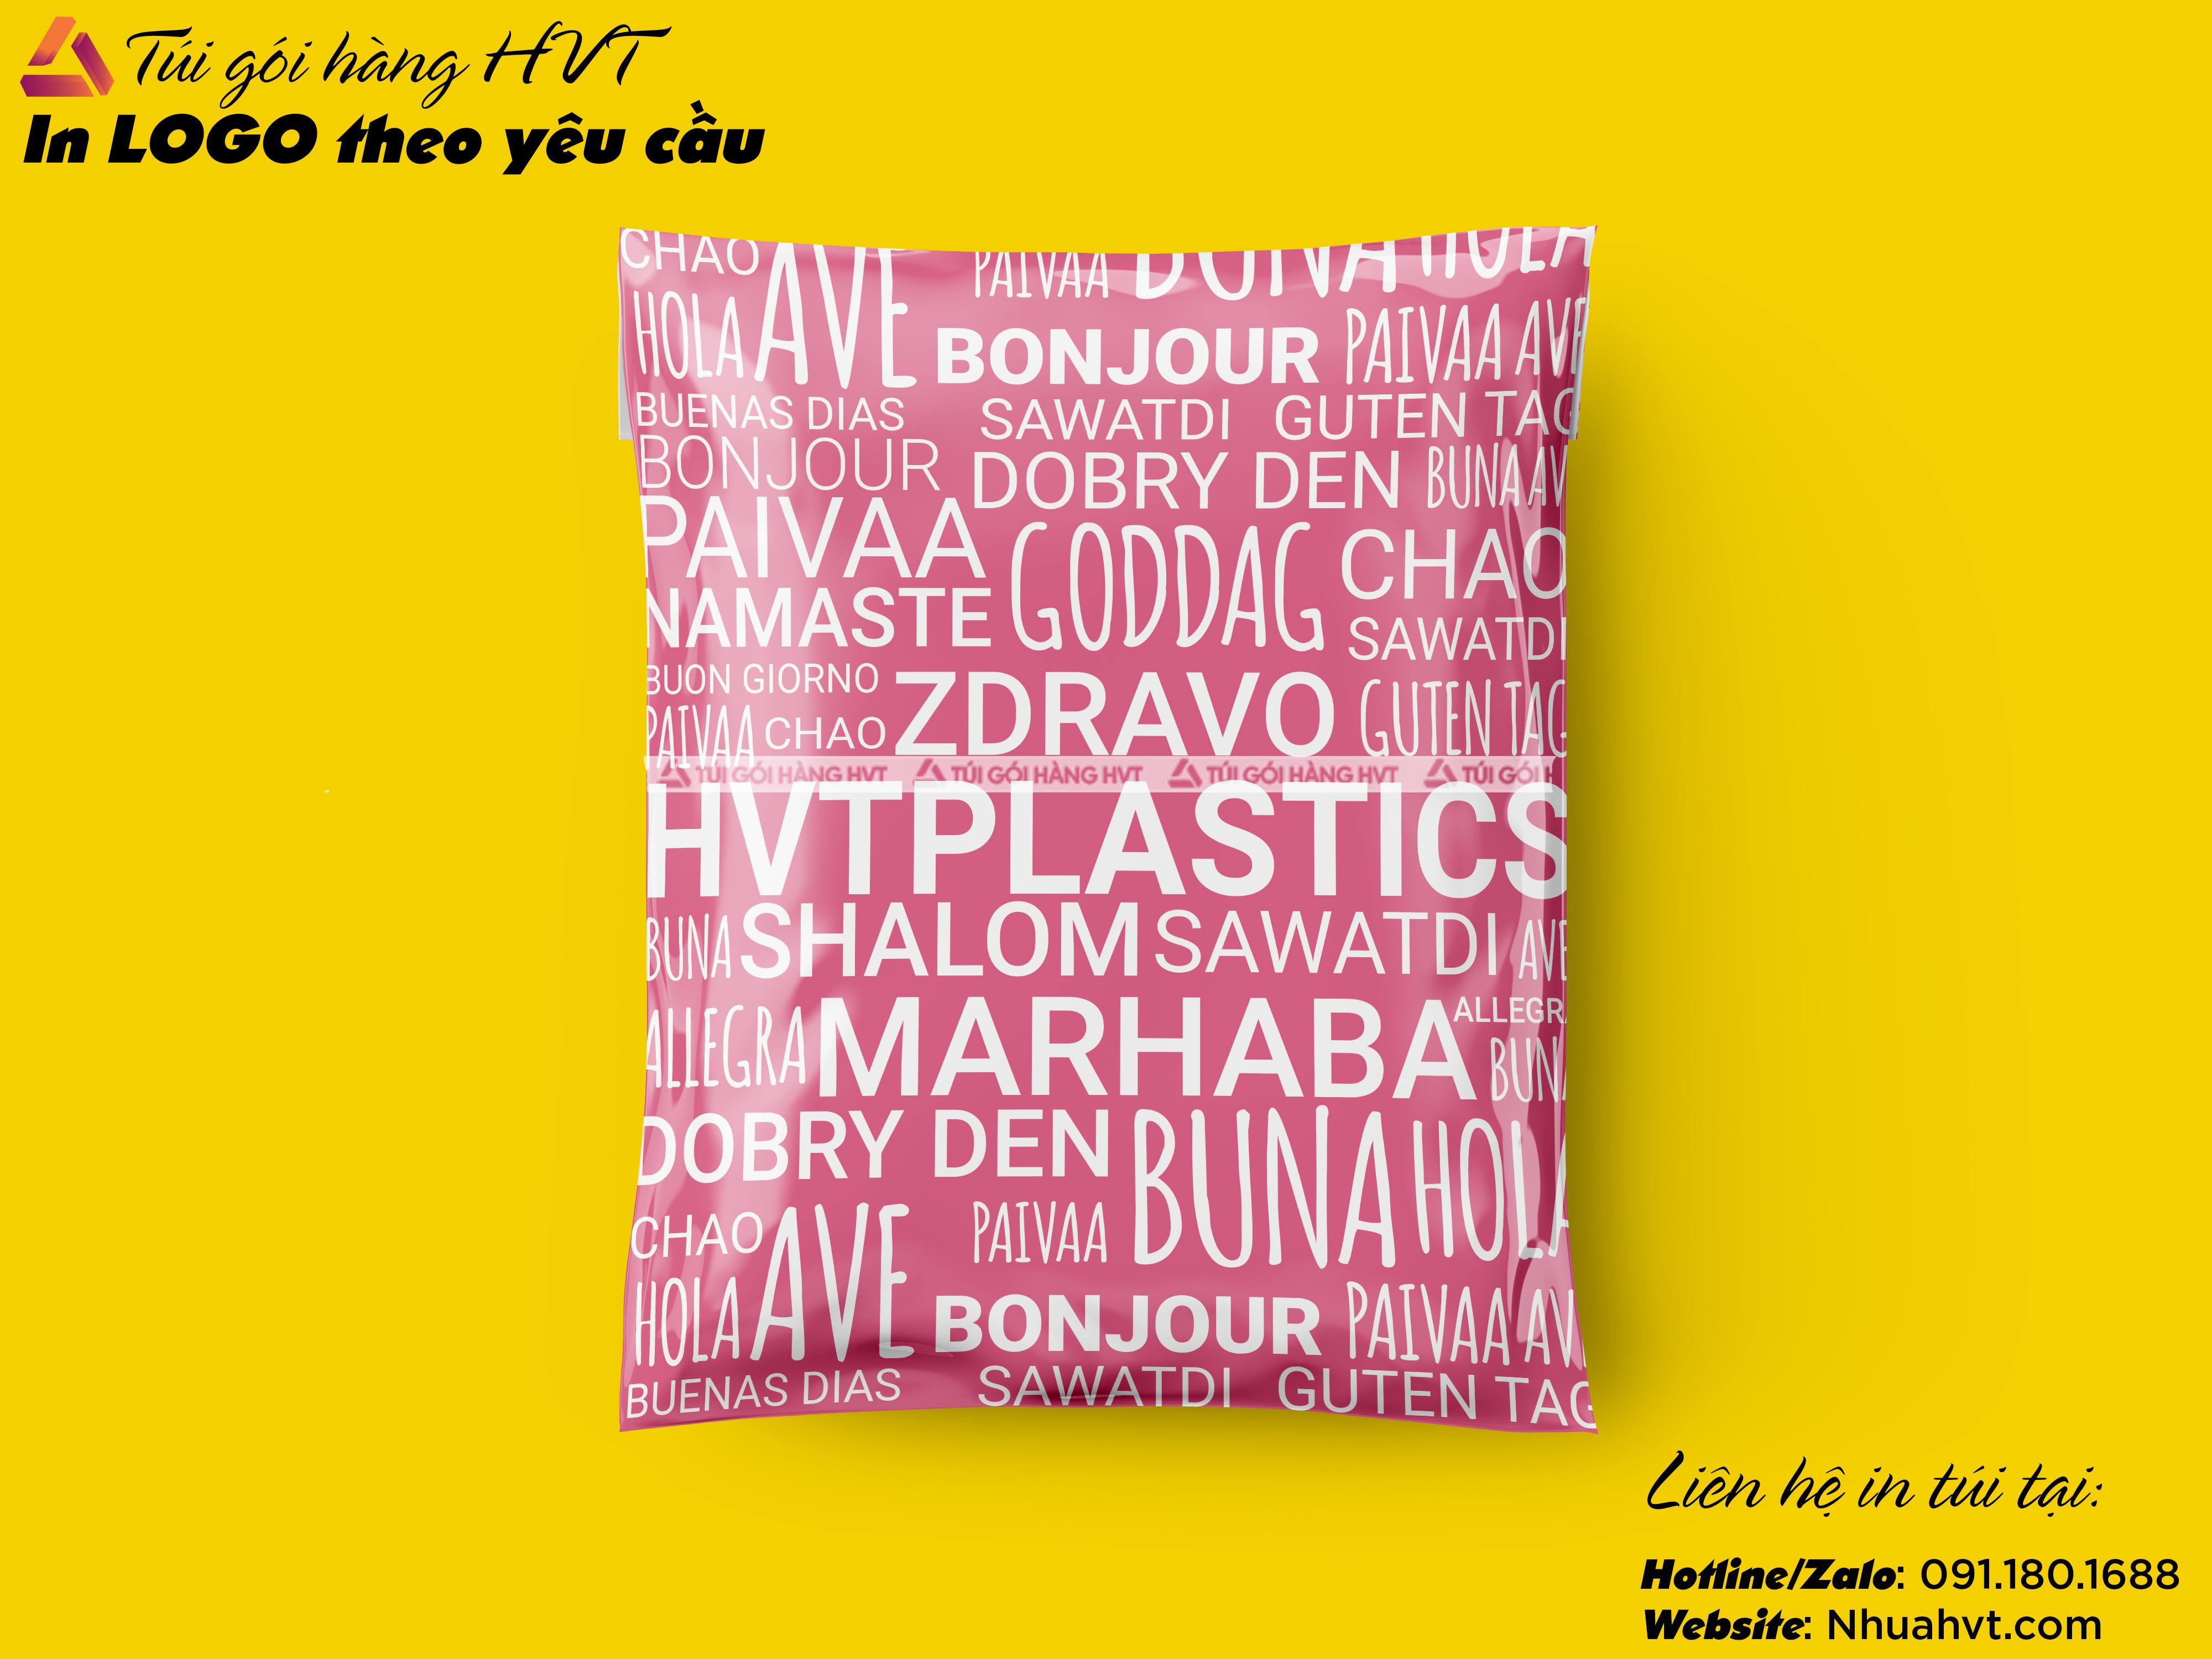 Túi gói hàng niêm phong màu hồng size 17*30 in logo thương hiệu